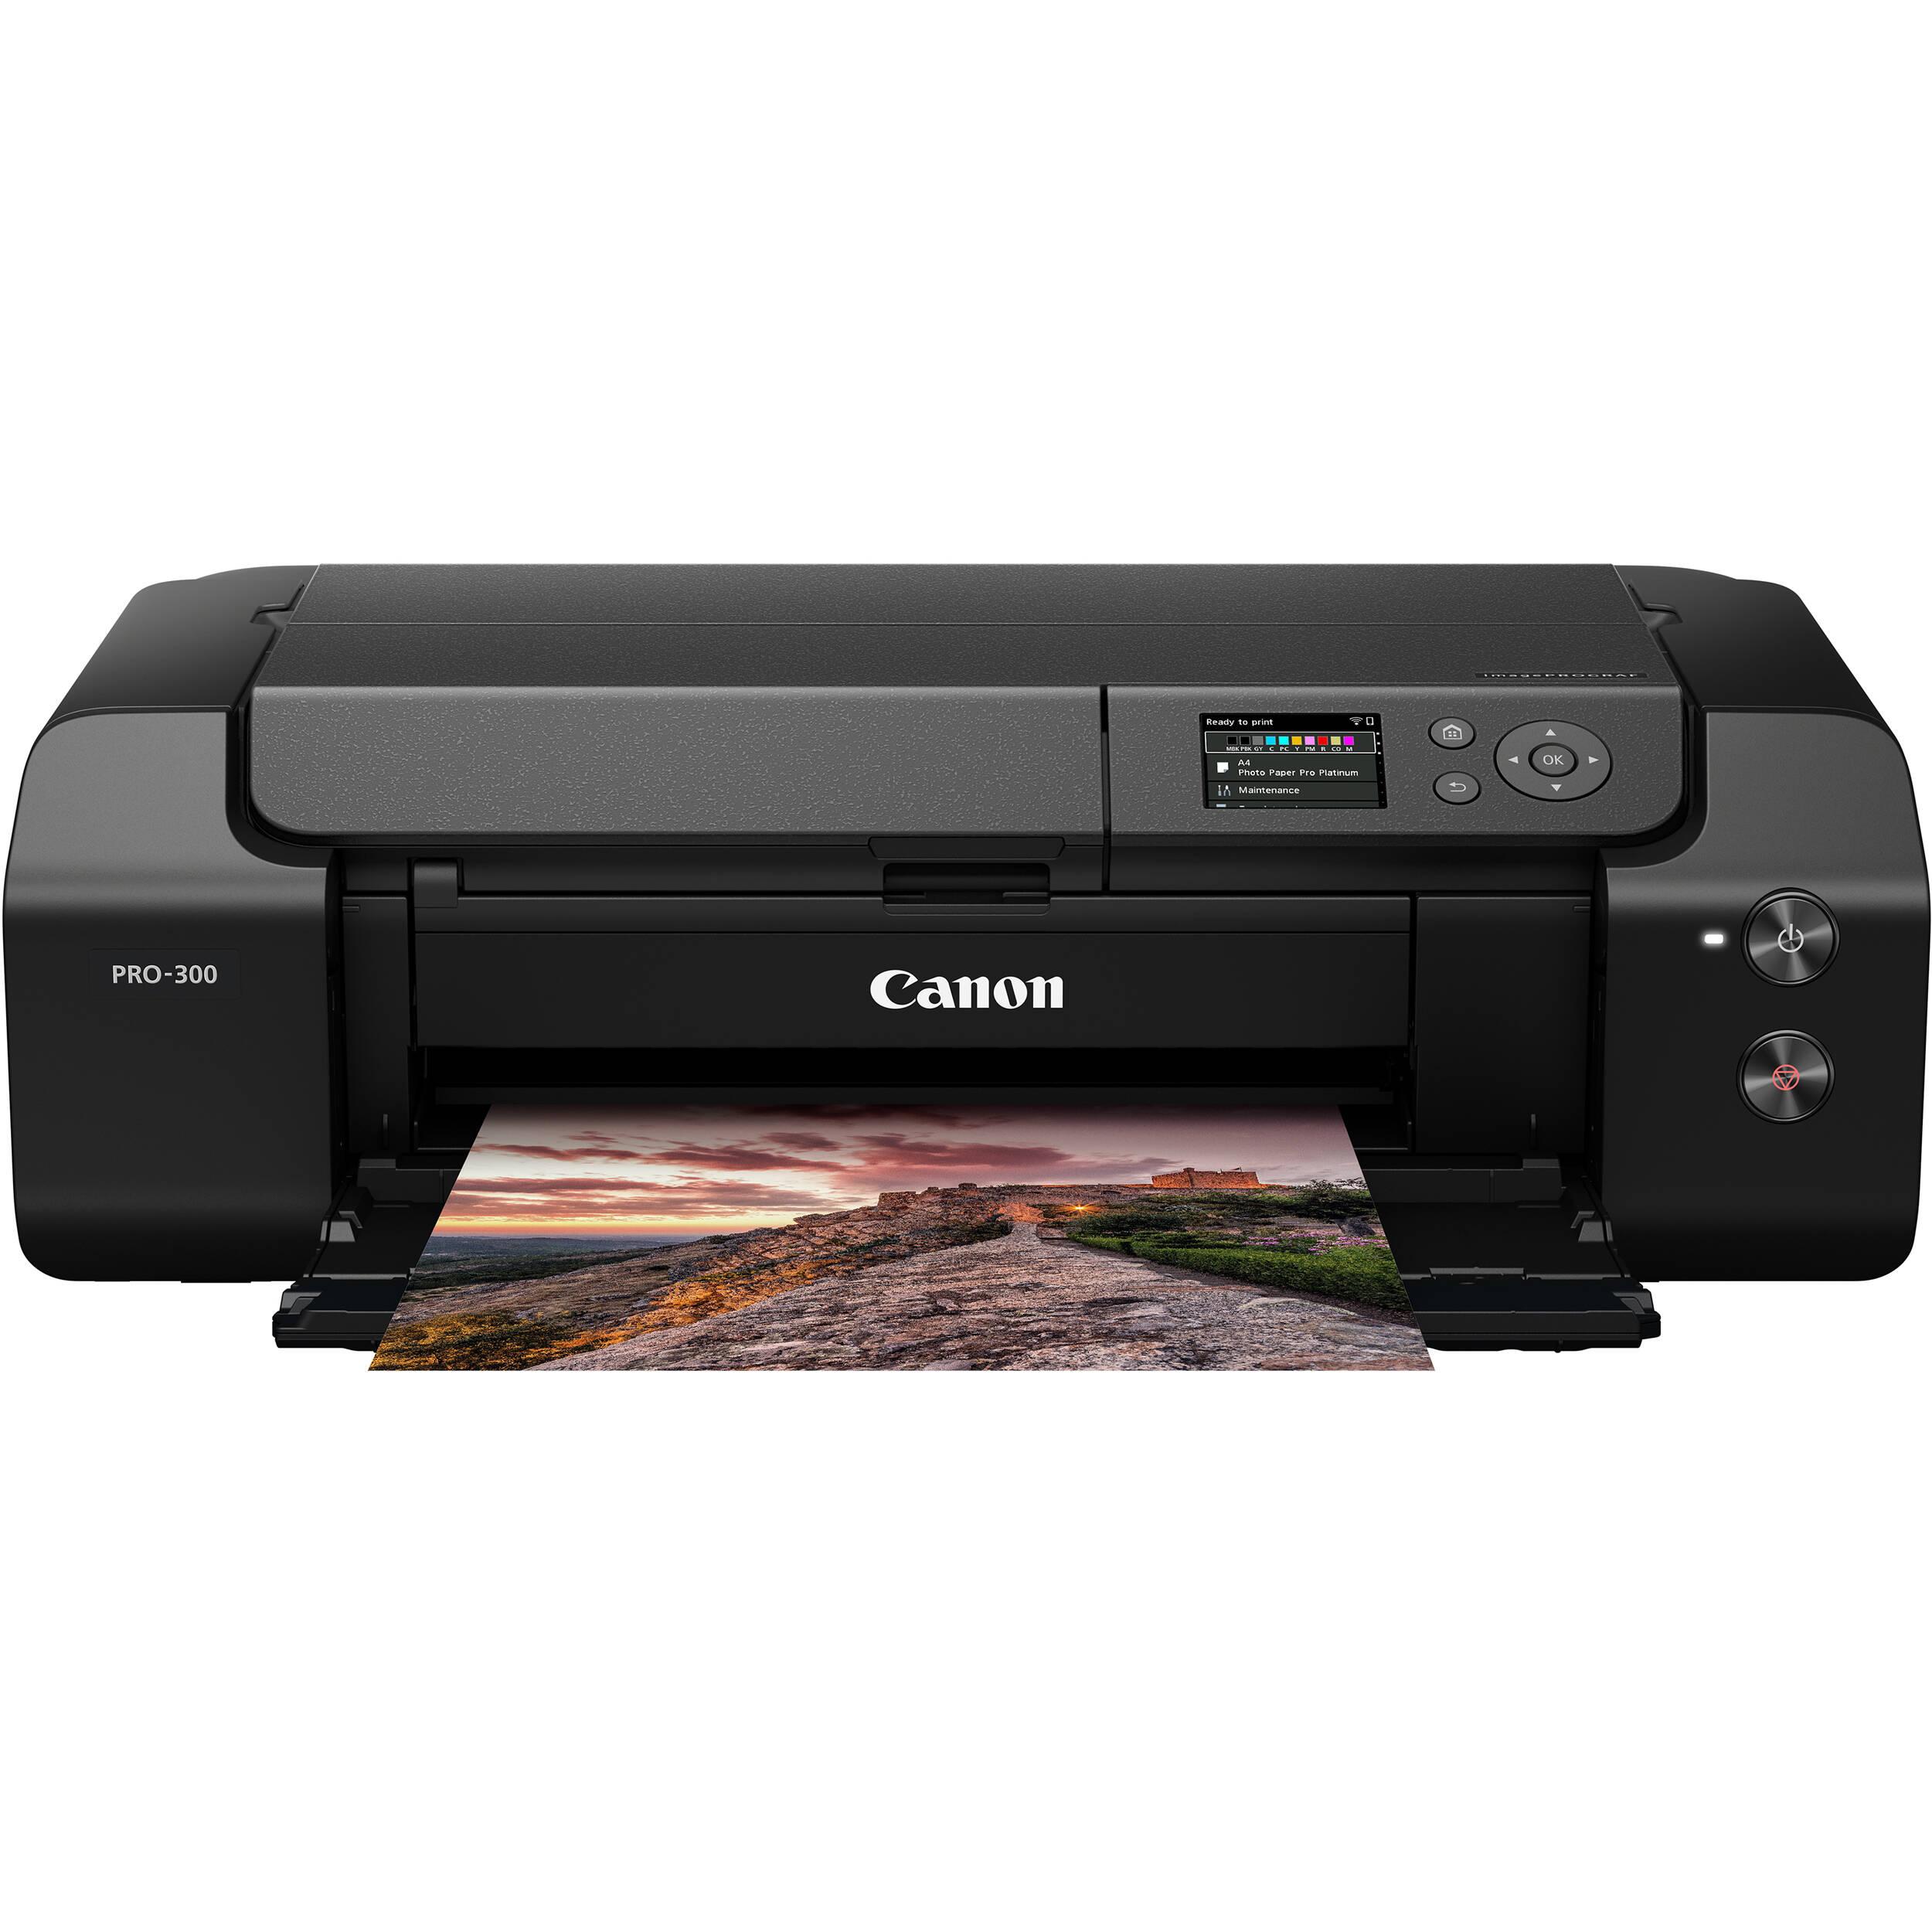 CANON PRO-300 tiskárna A3+